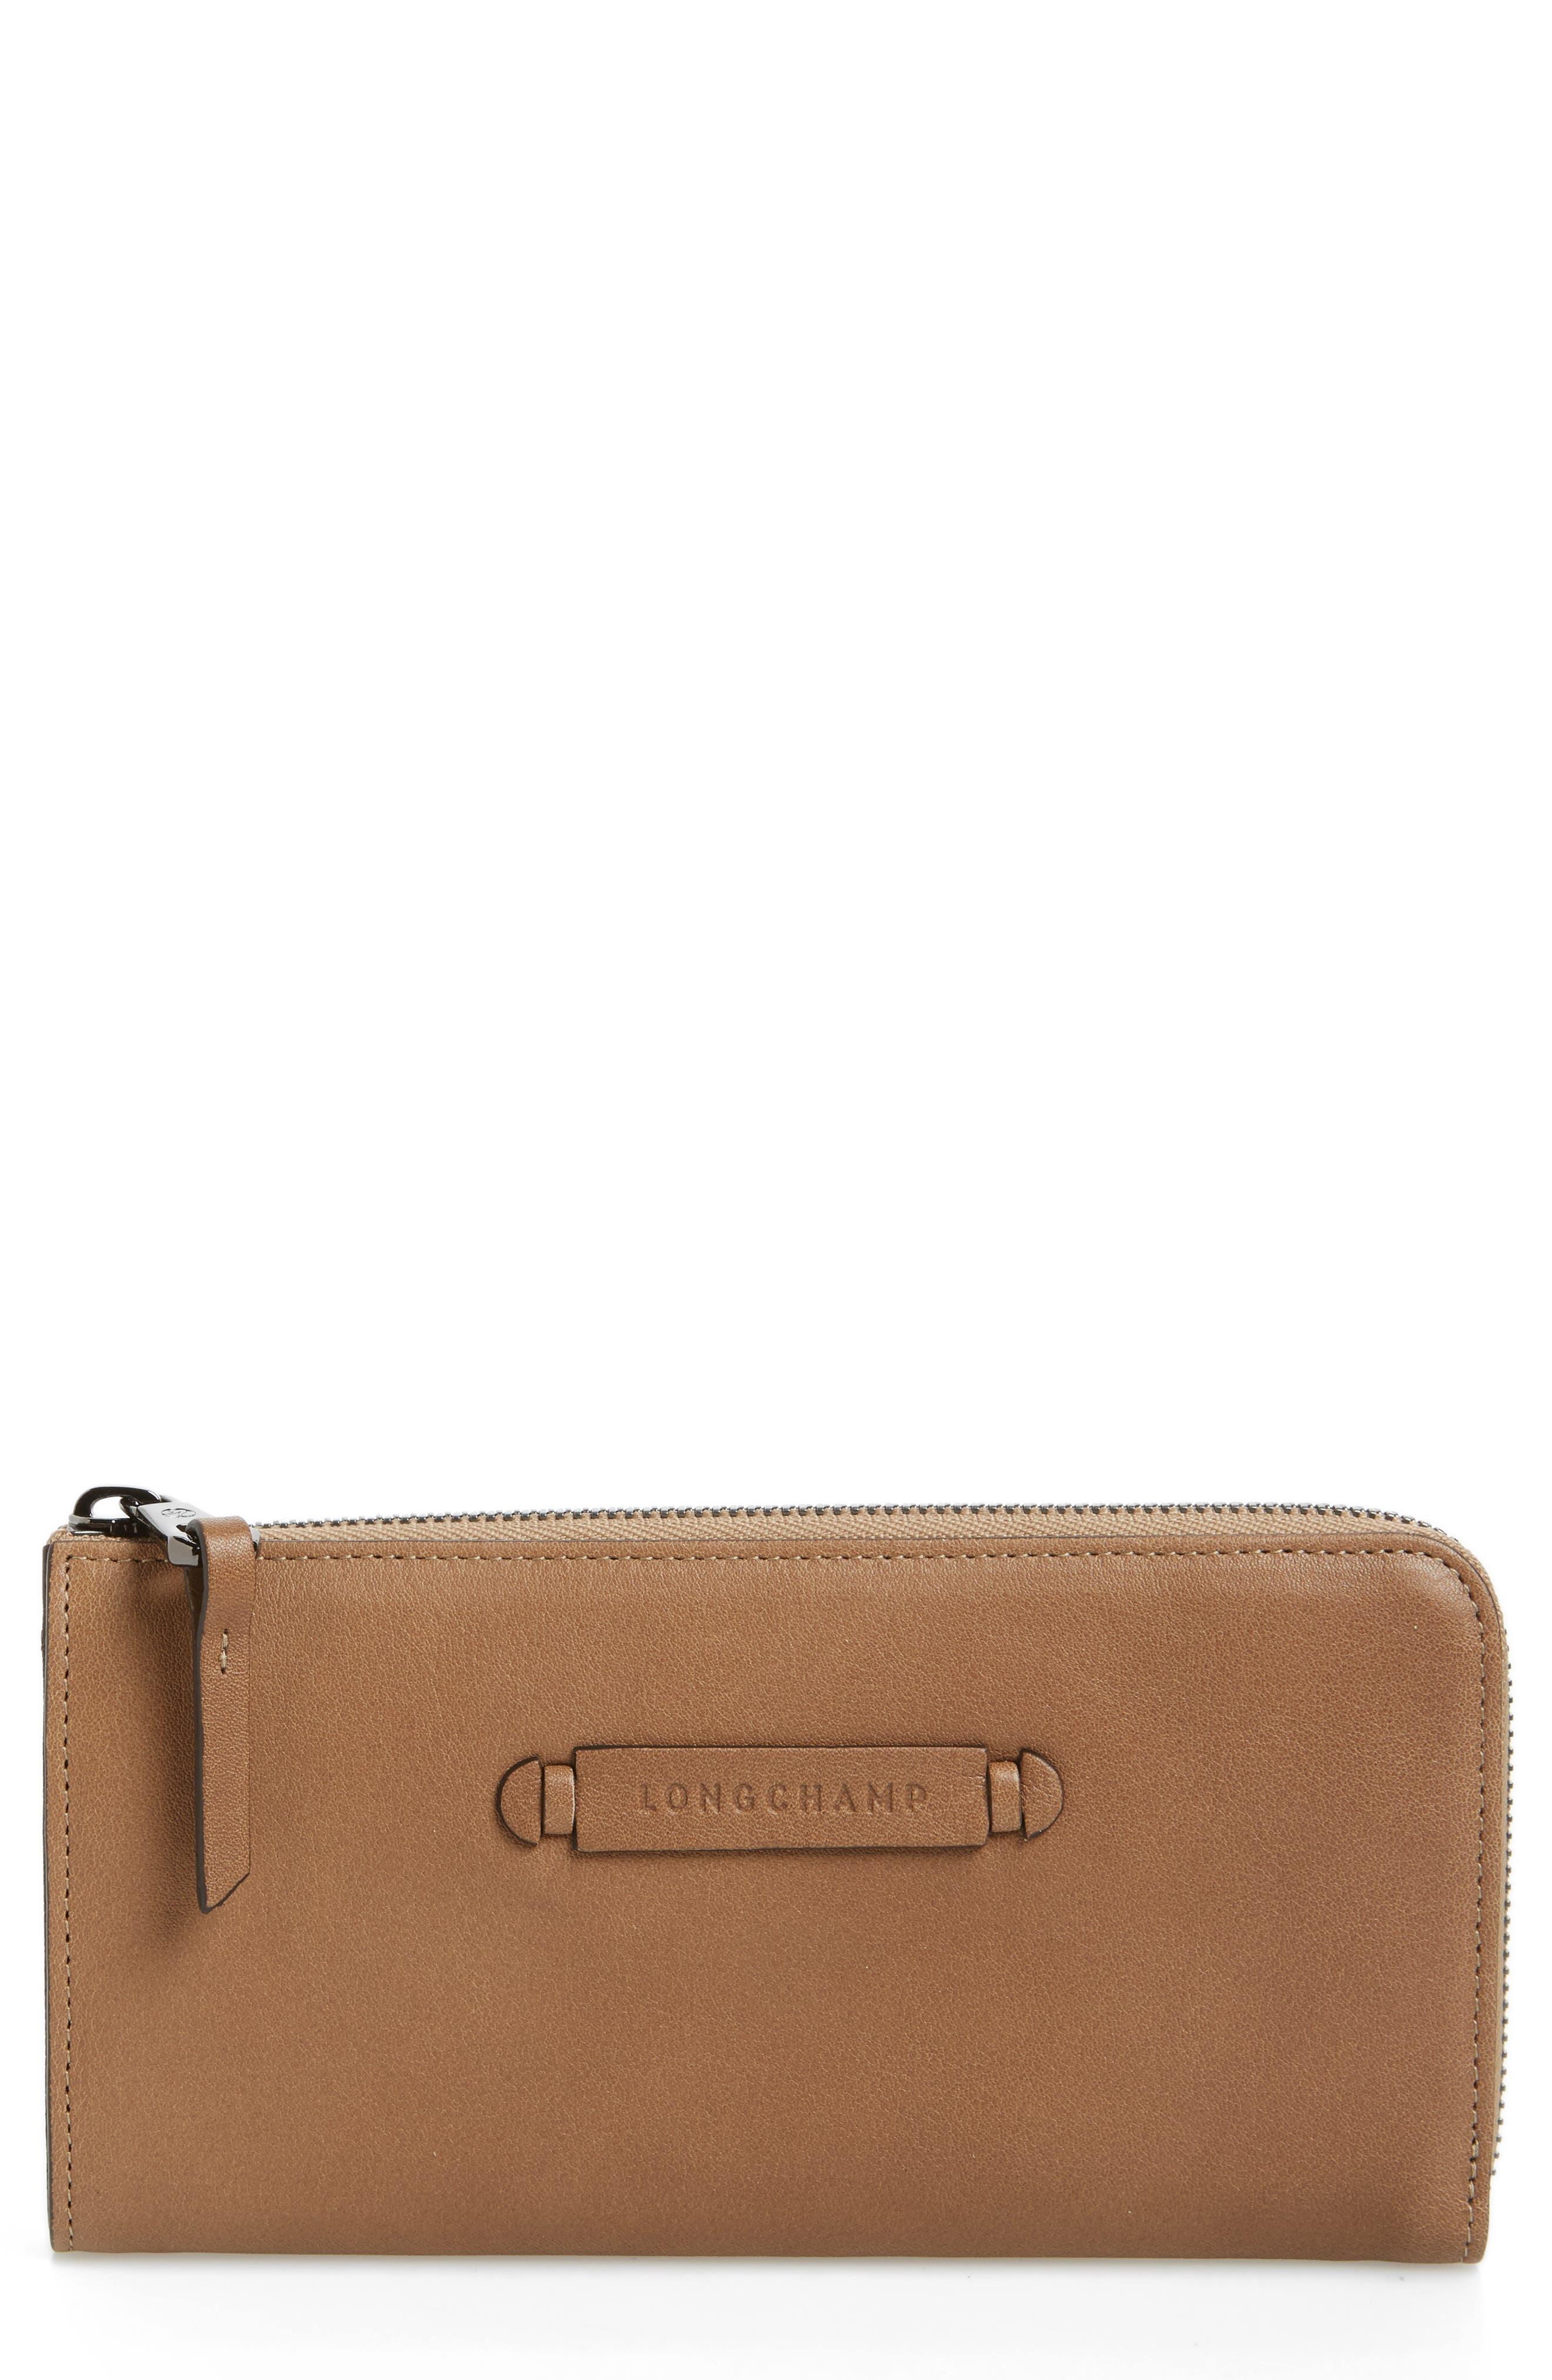 3D Leather Wallet,                             Main thumbnail 1, color,                             250